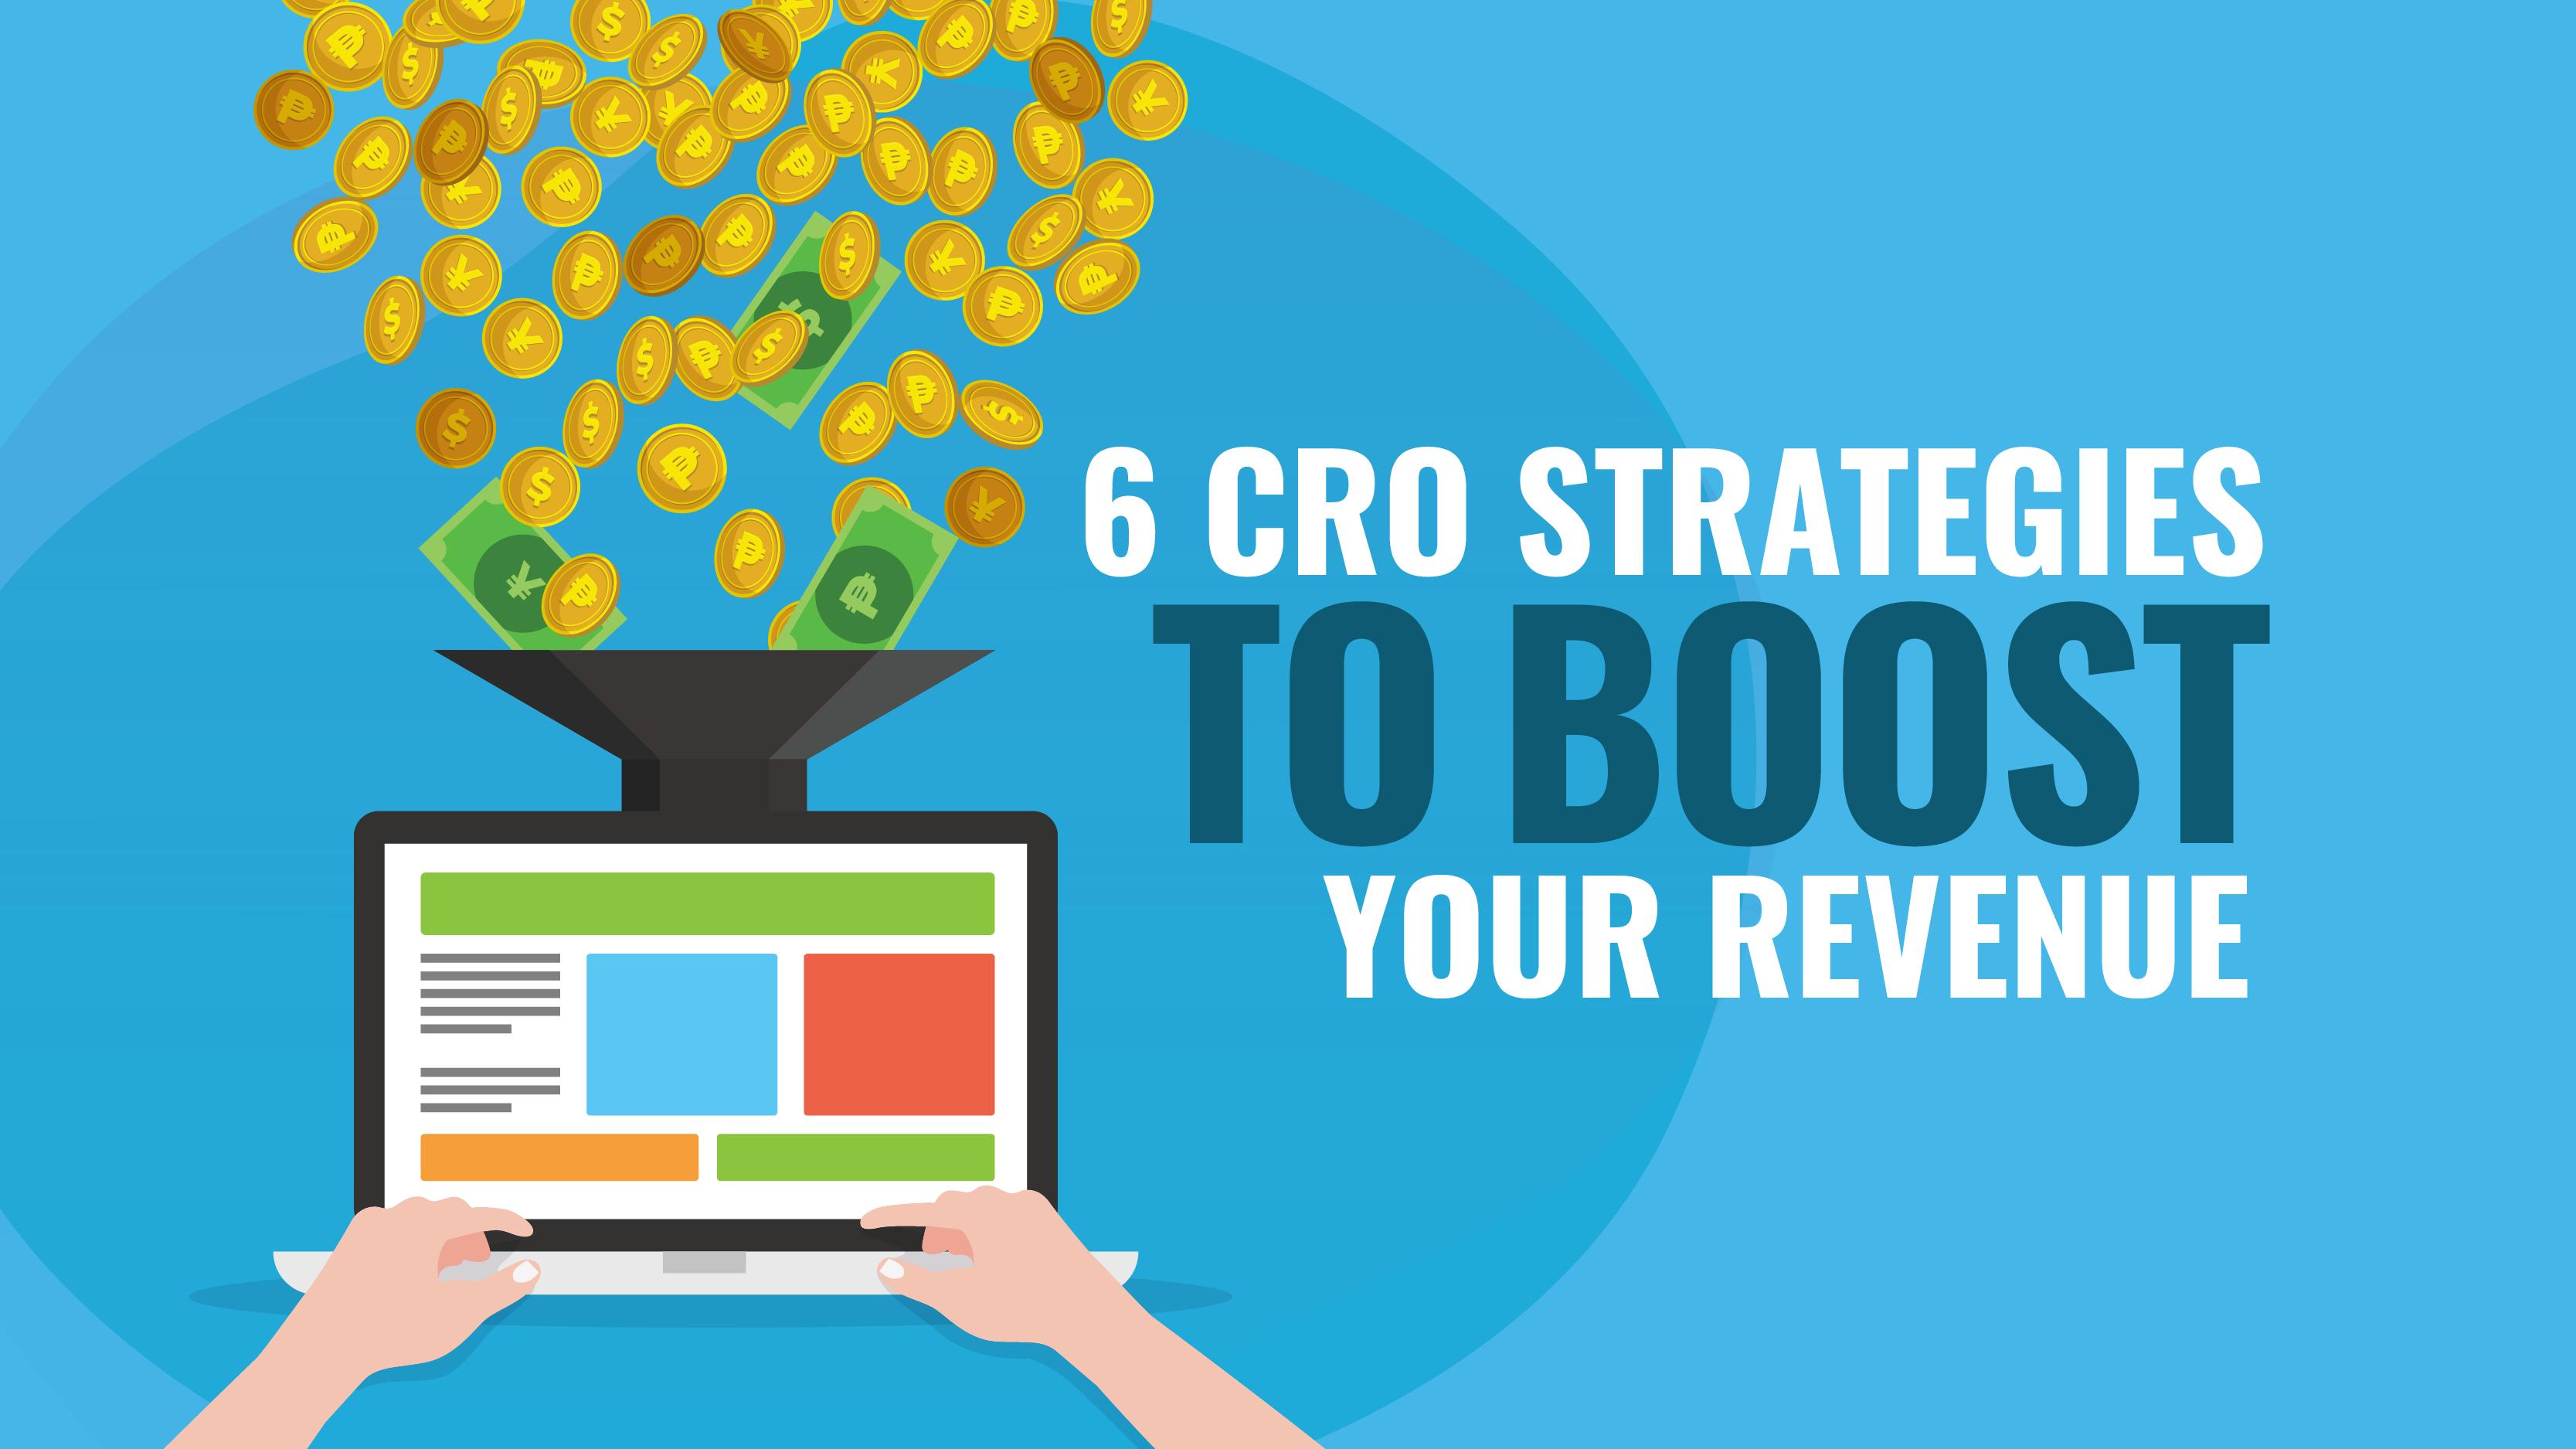 SocialMedia_Boost-Revenue